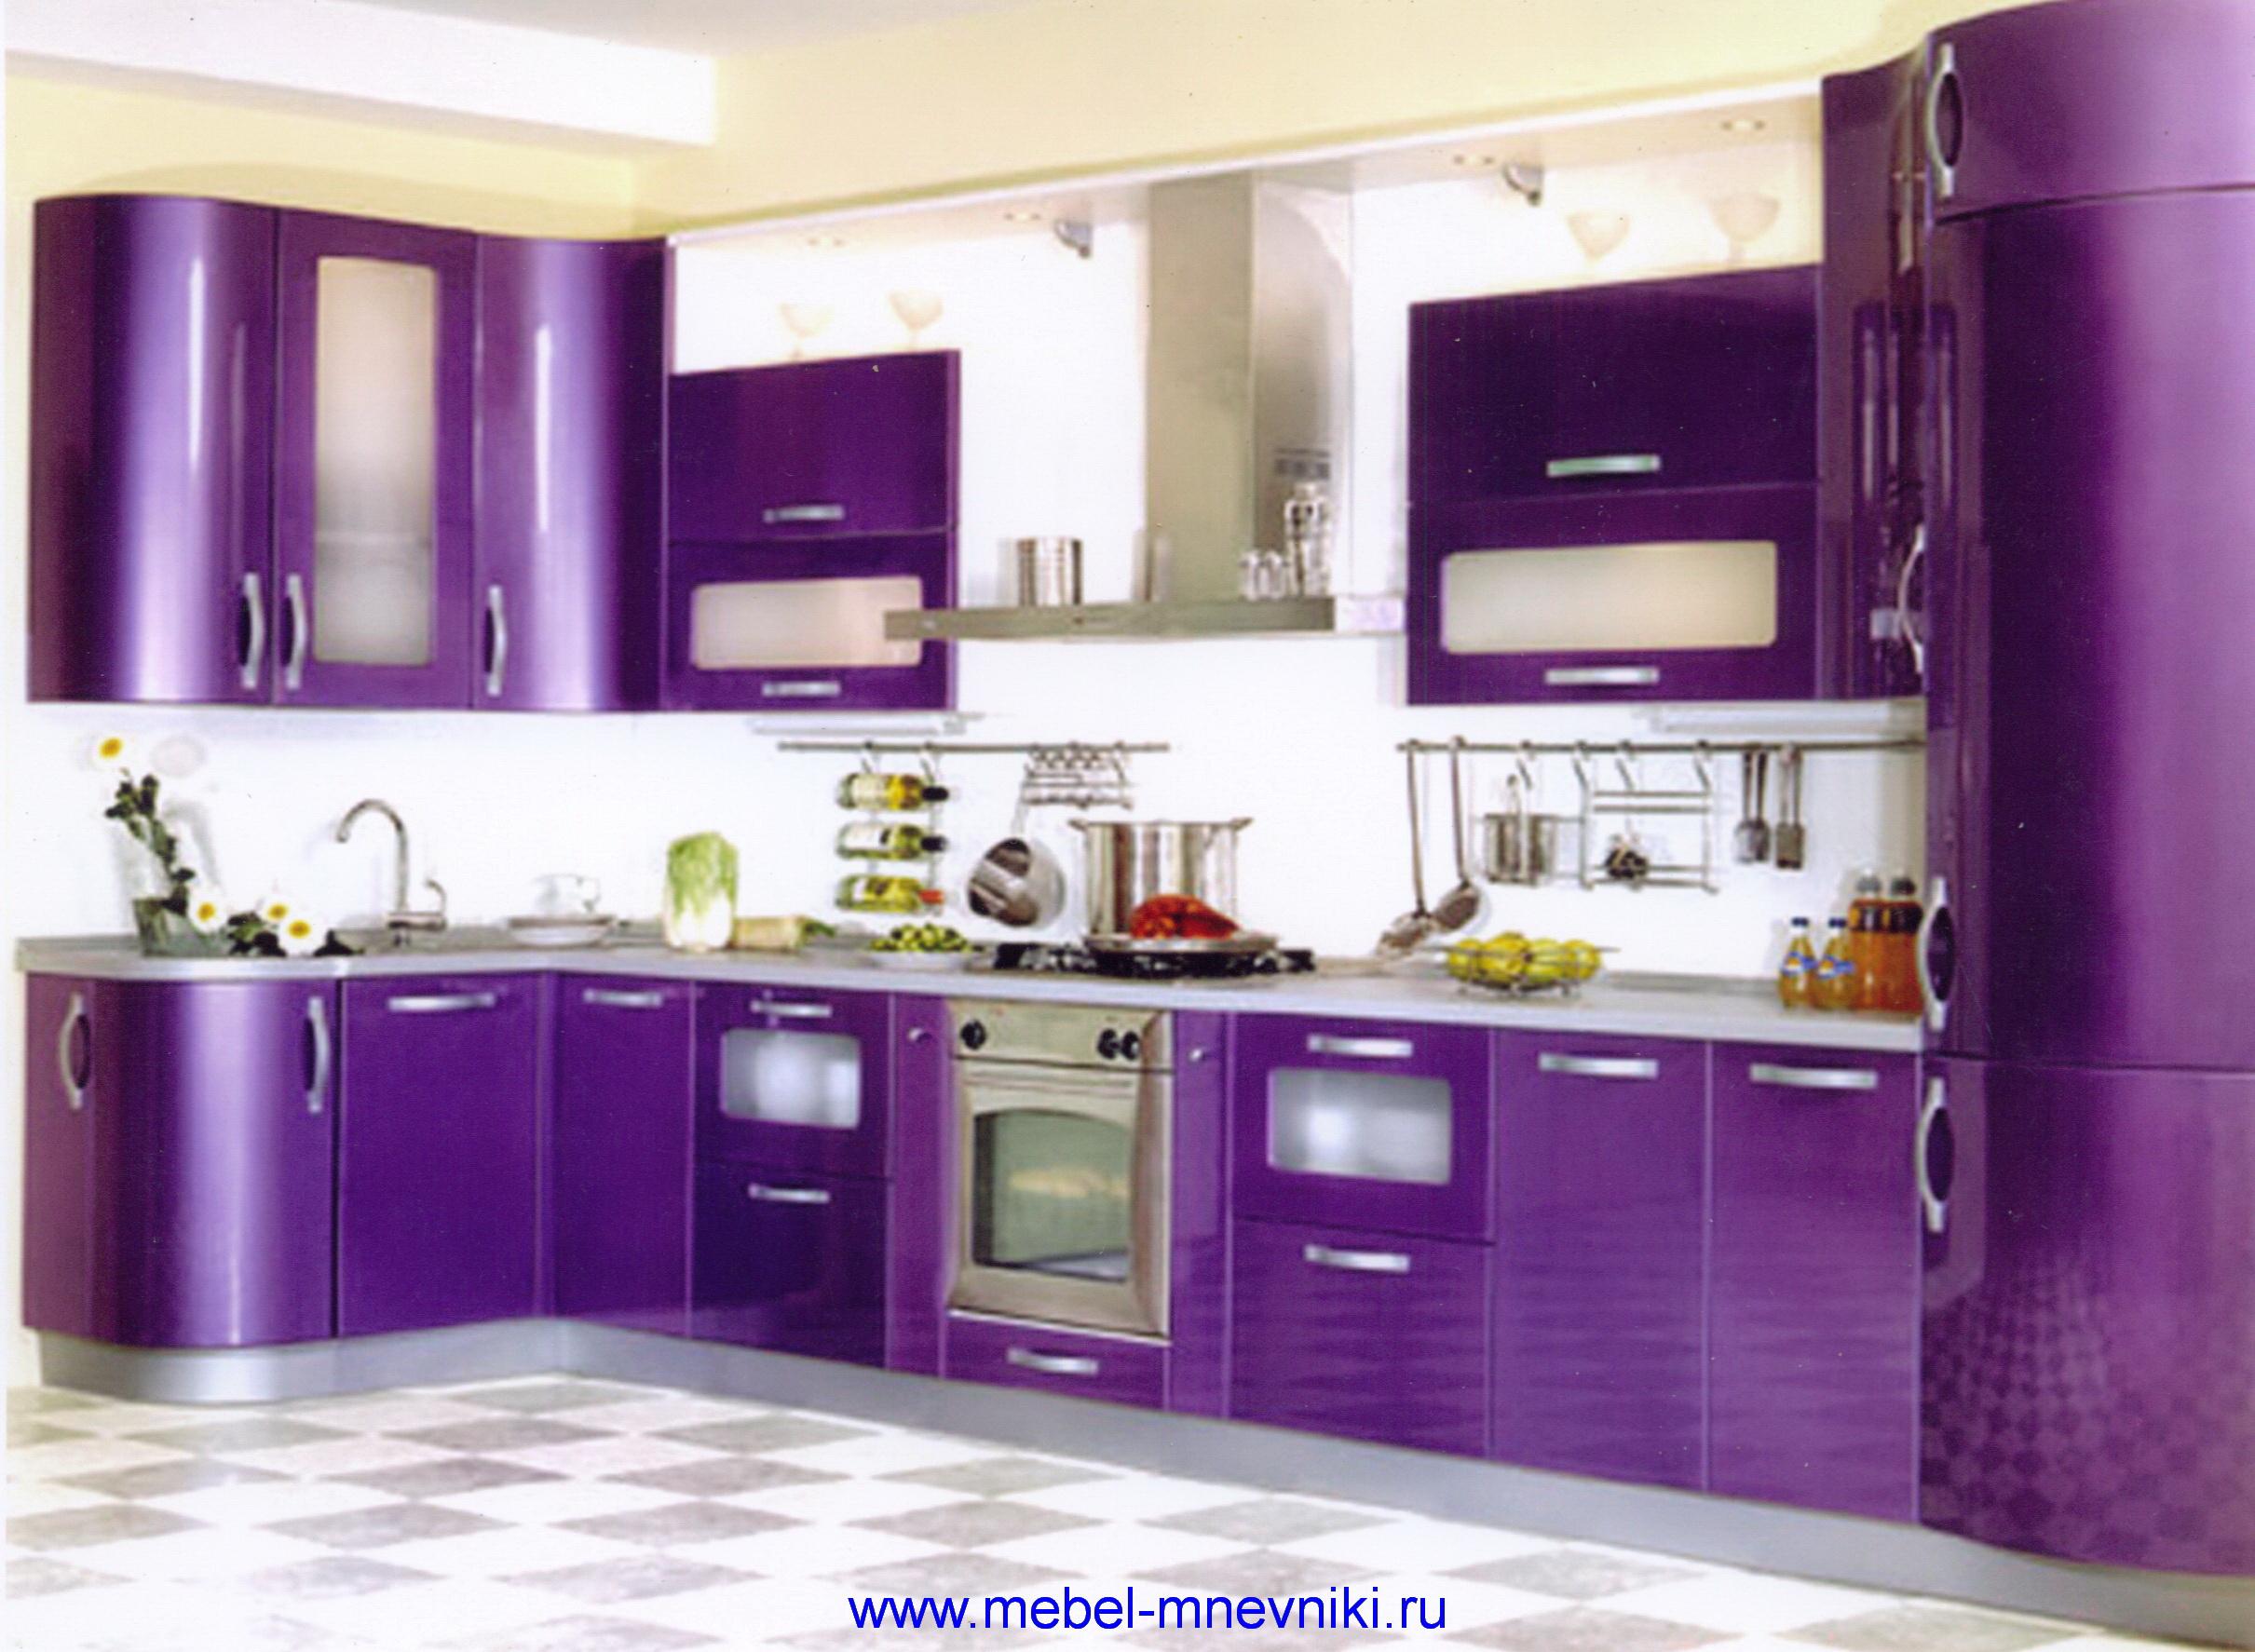 Сиреневый дизайн кухни фото